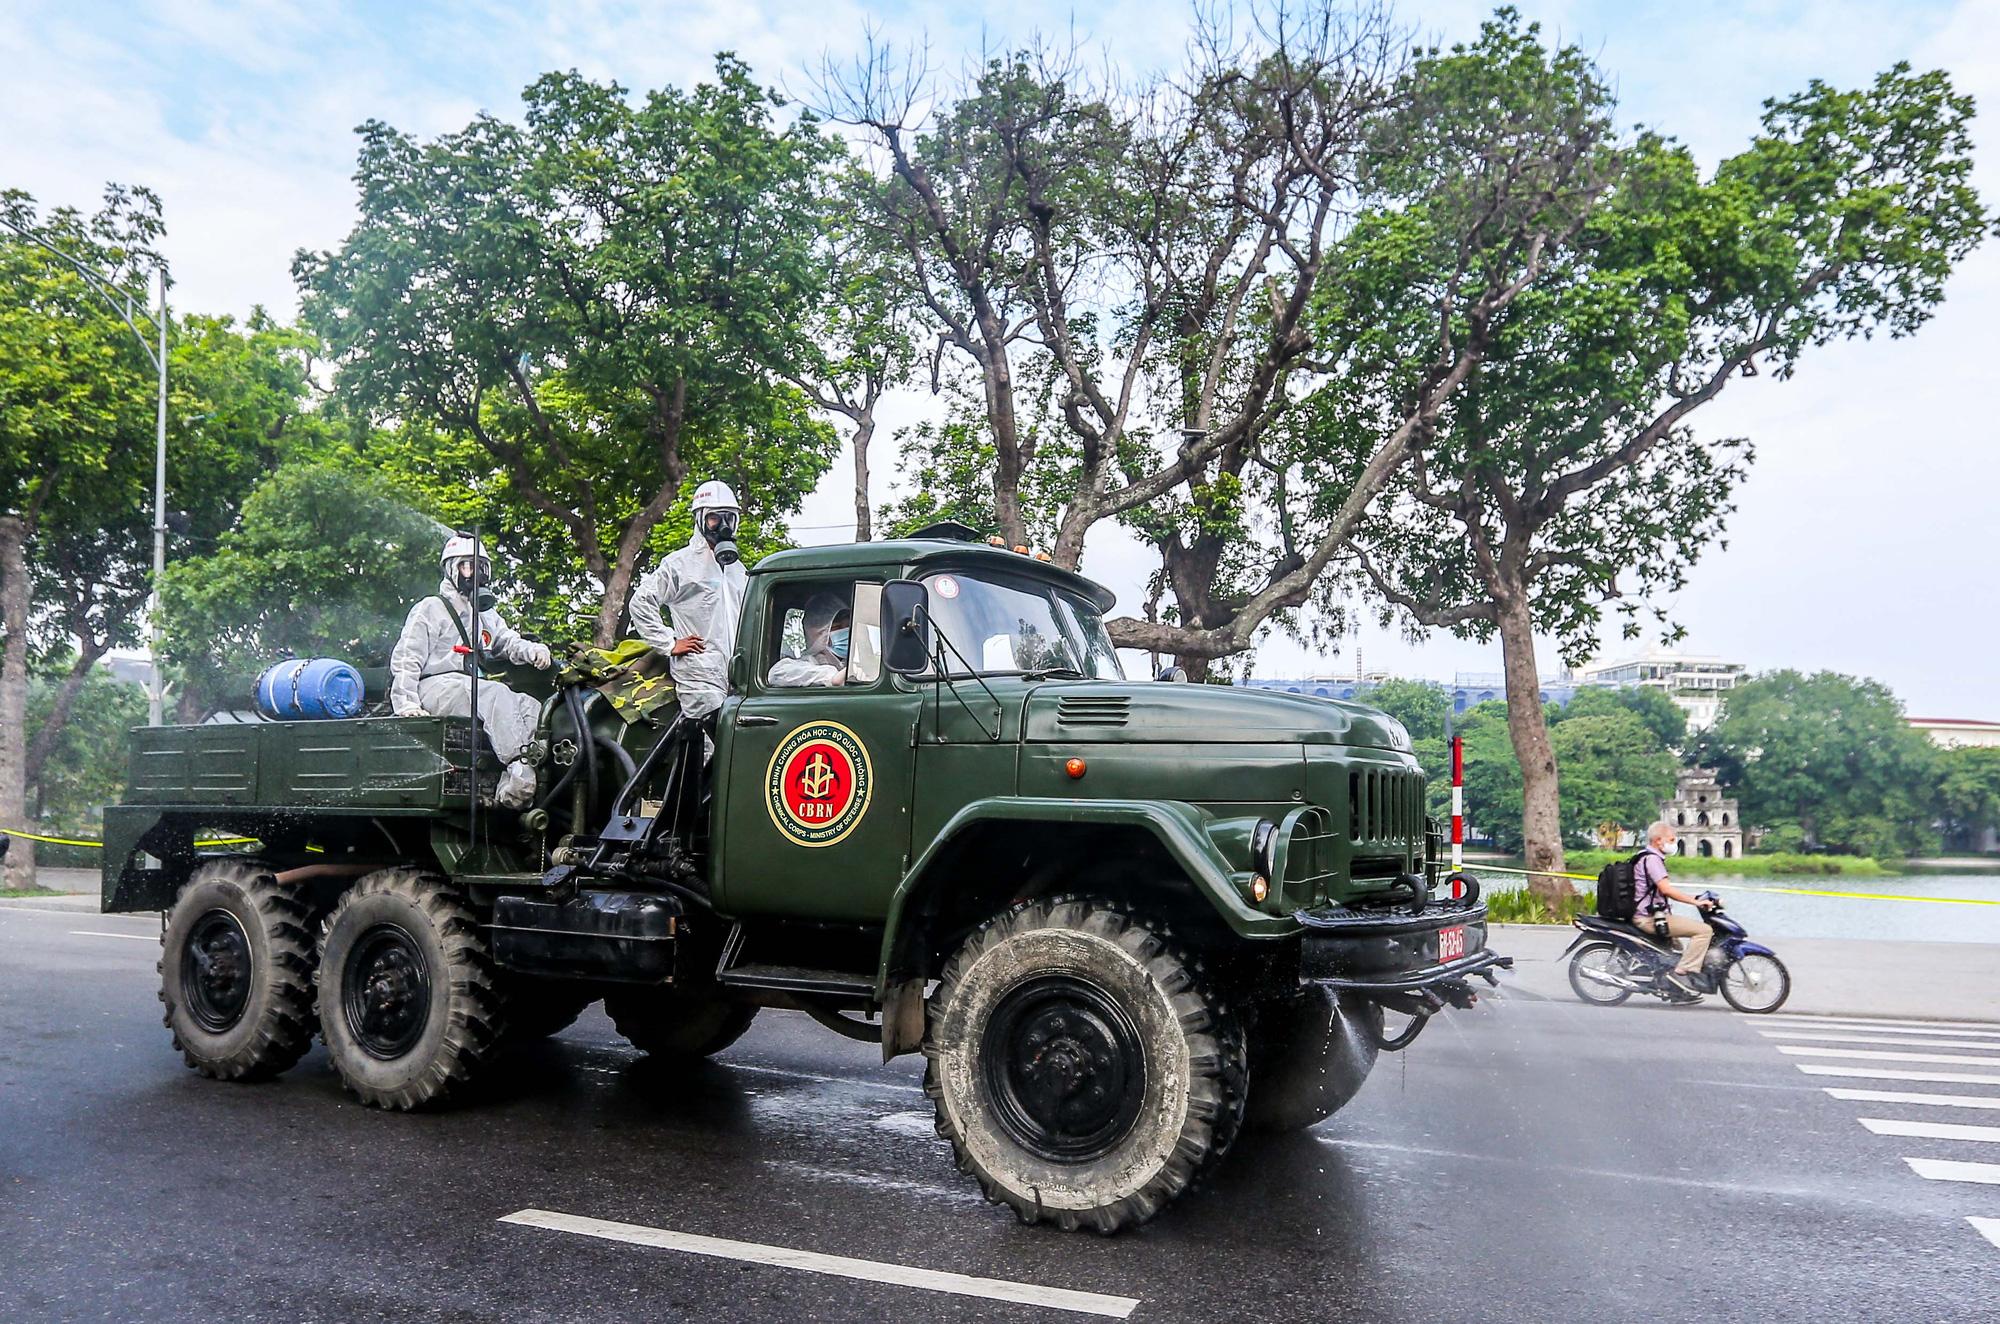 15 xe đặc chủng ra quân phun khử khuẩn ở thành phố Hà Nội - Ảnh 14.